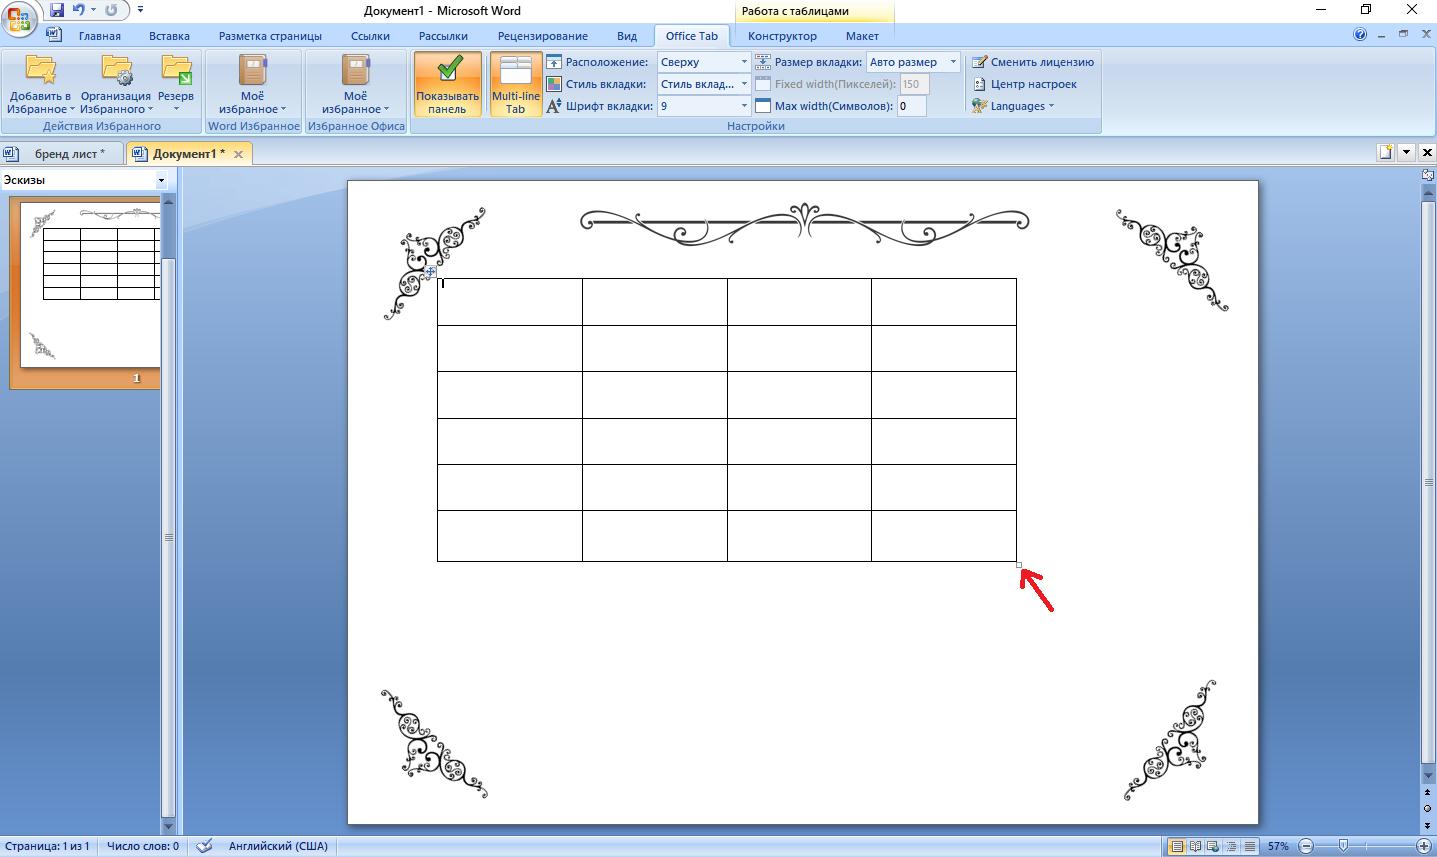 Процесс форматирования таблицы